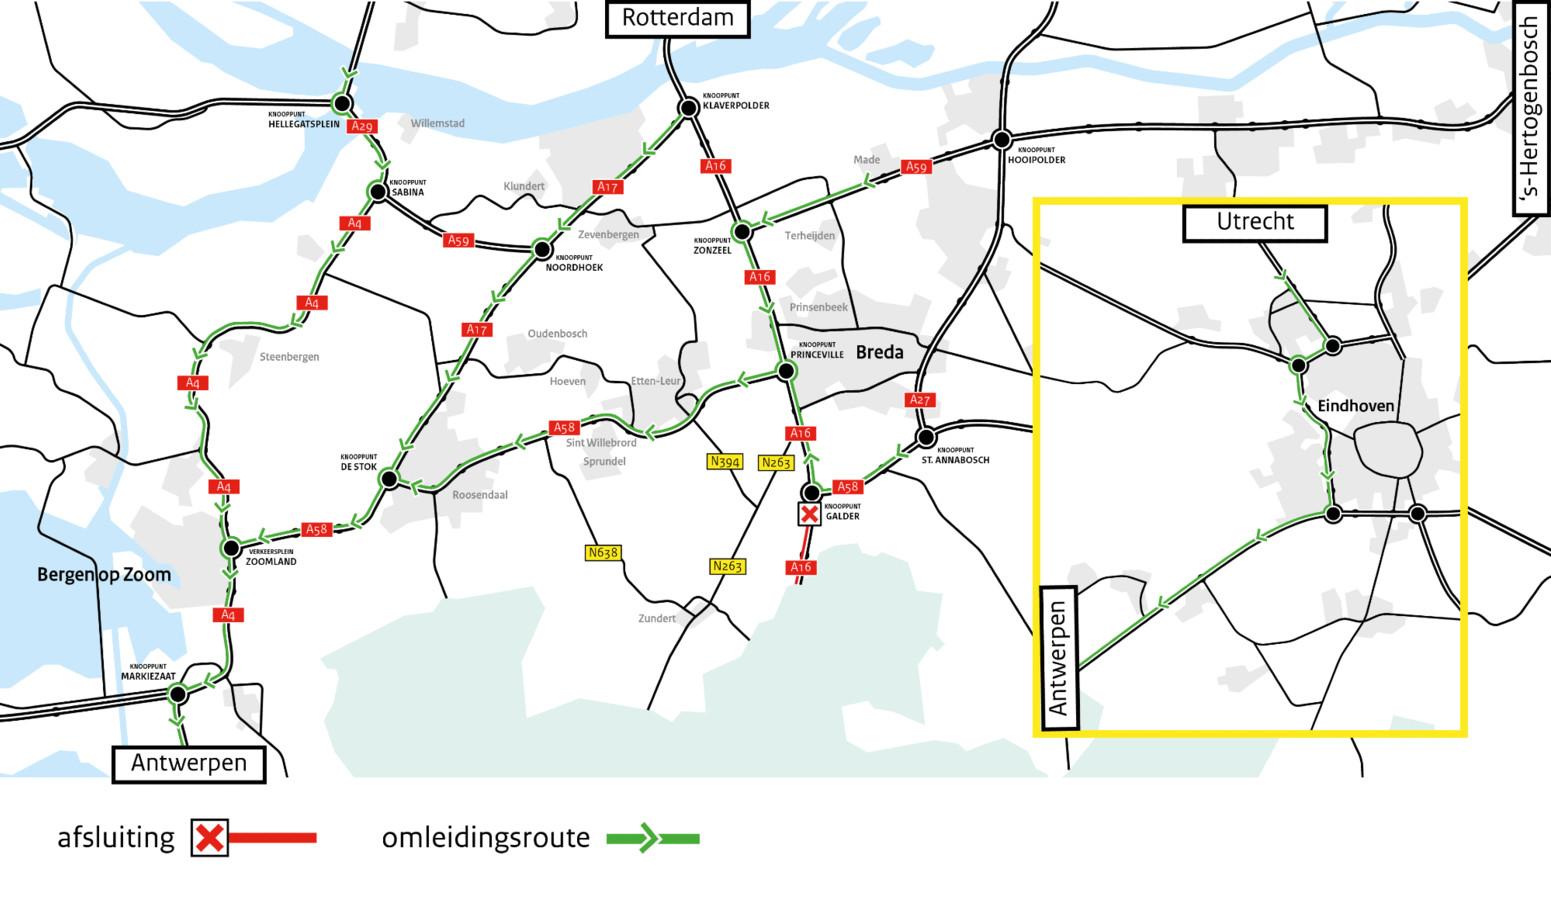 Van 6 maart 21.00 uur tot 9 maart 05.00 uur is de A16 dicht van knooppunt Galder bij Breda tot de grens met België, in de richting van Antwerpen.